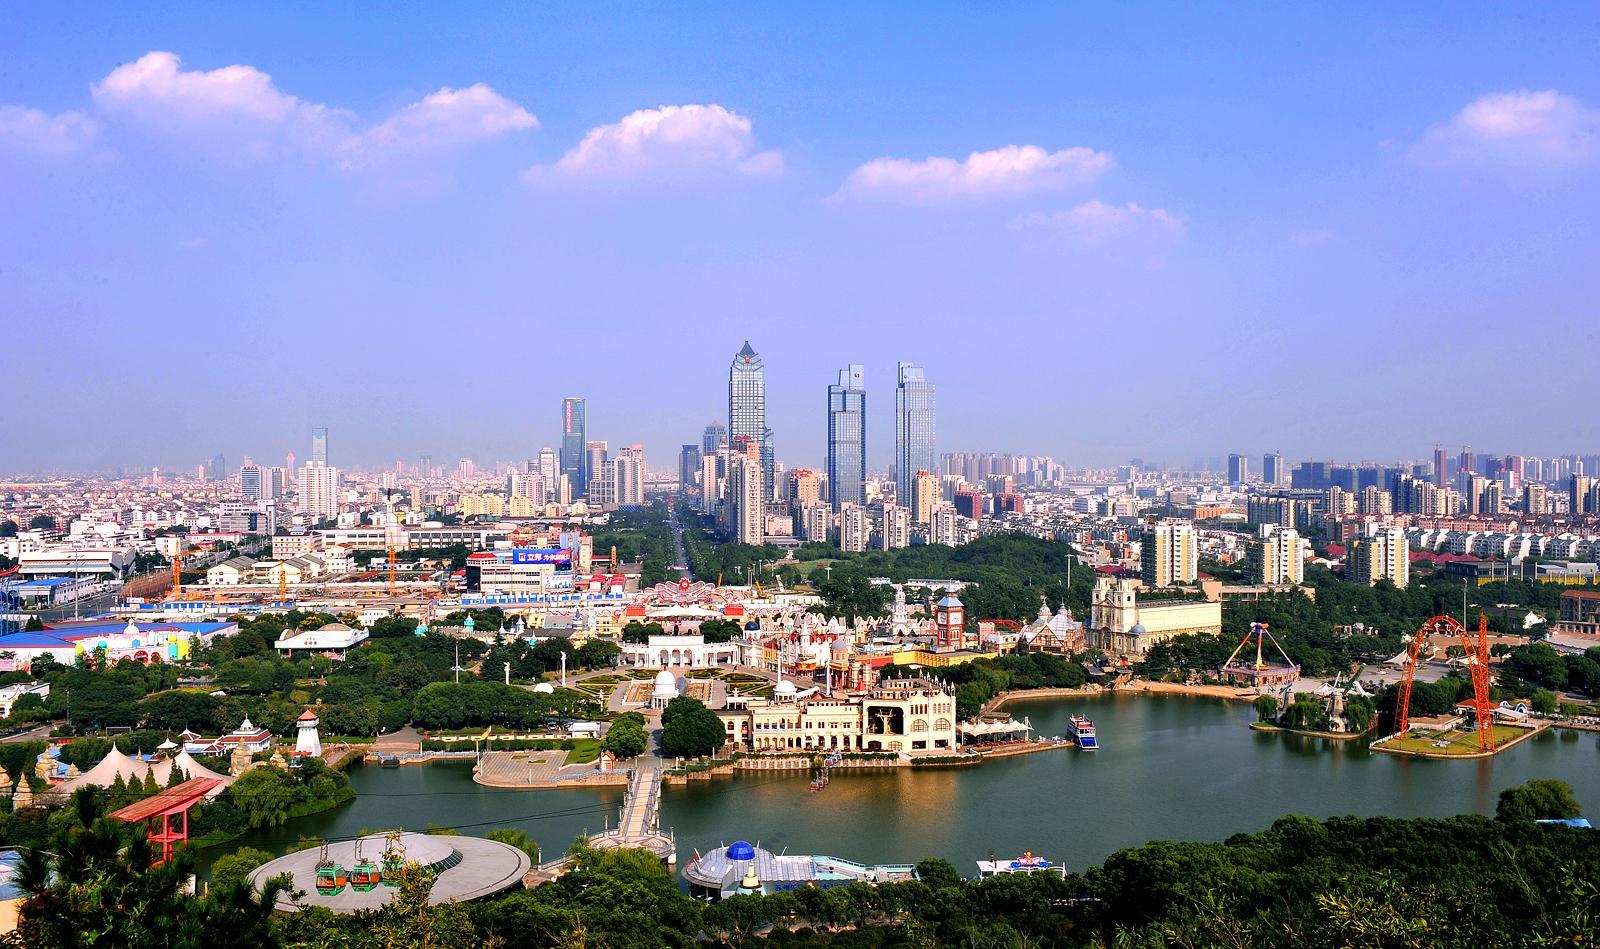 江苏_江苏最有潜力的县城,低调的\